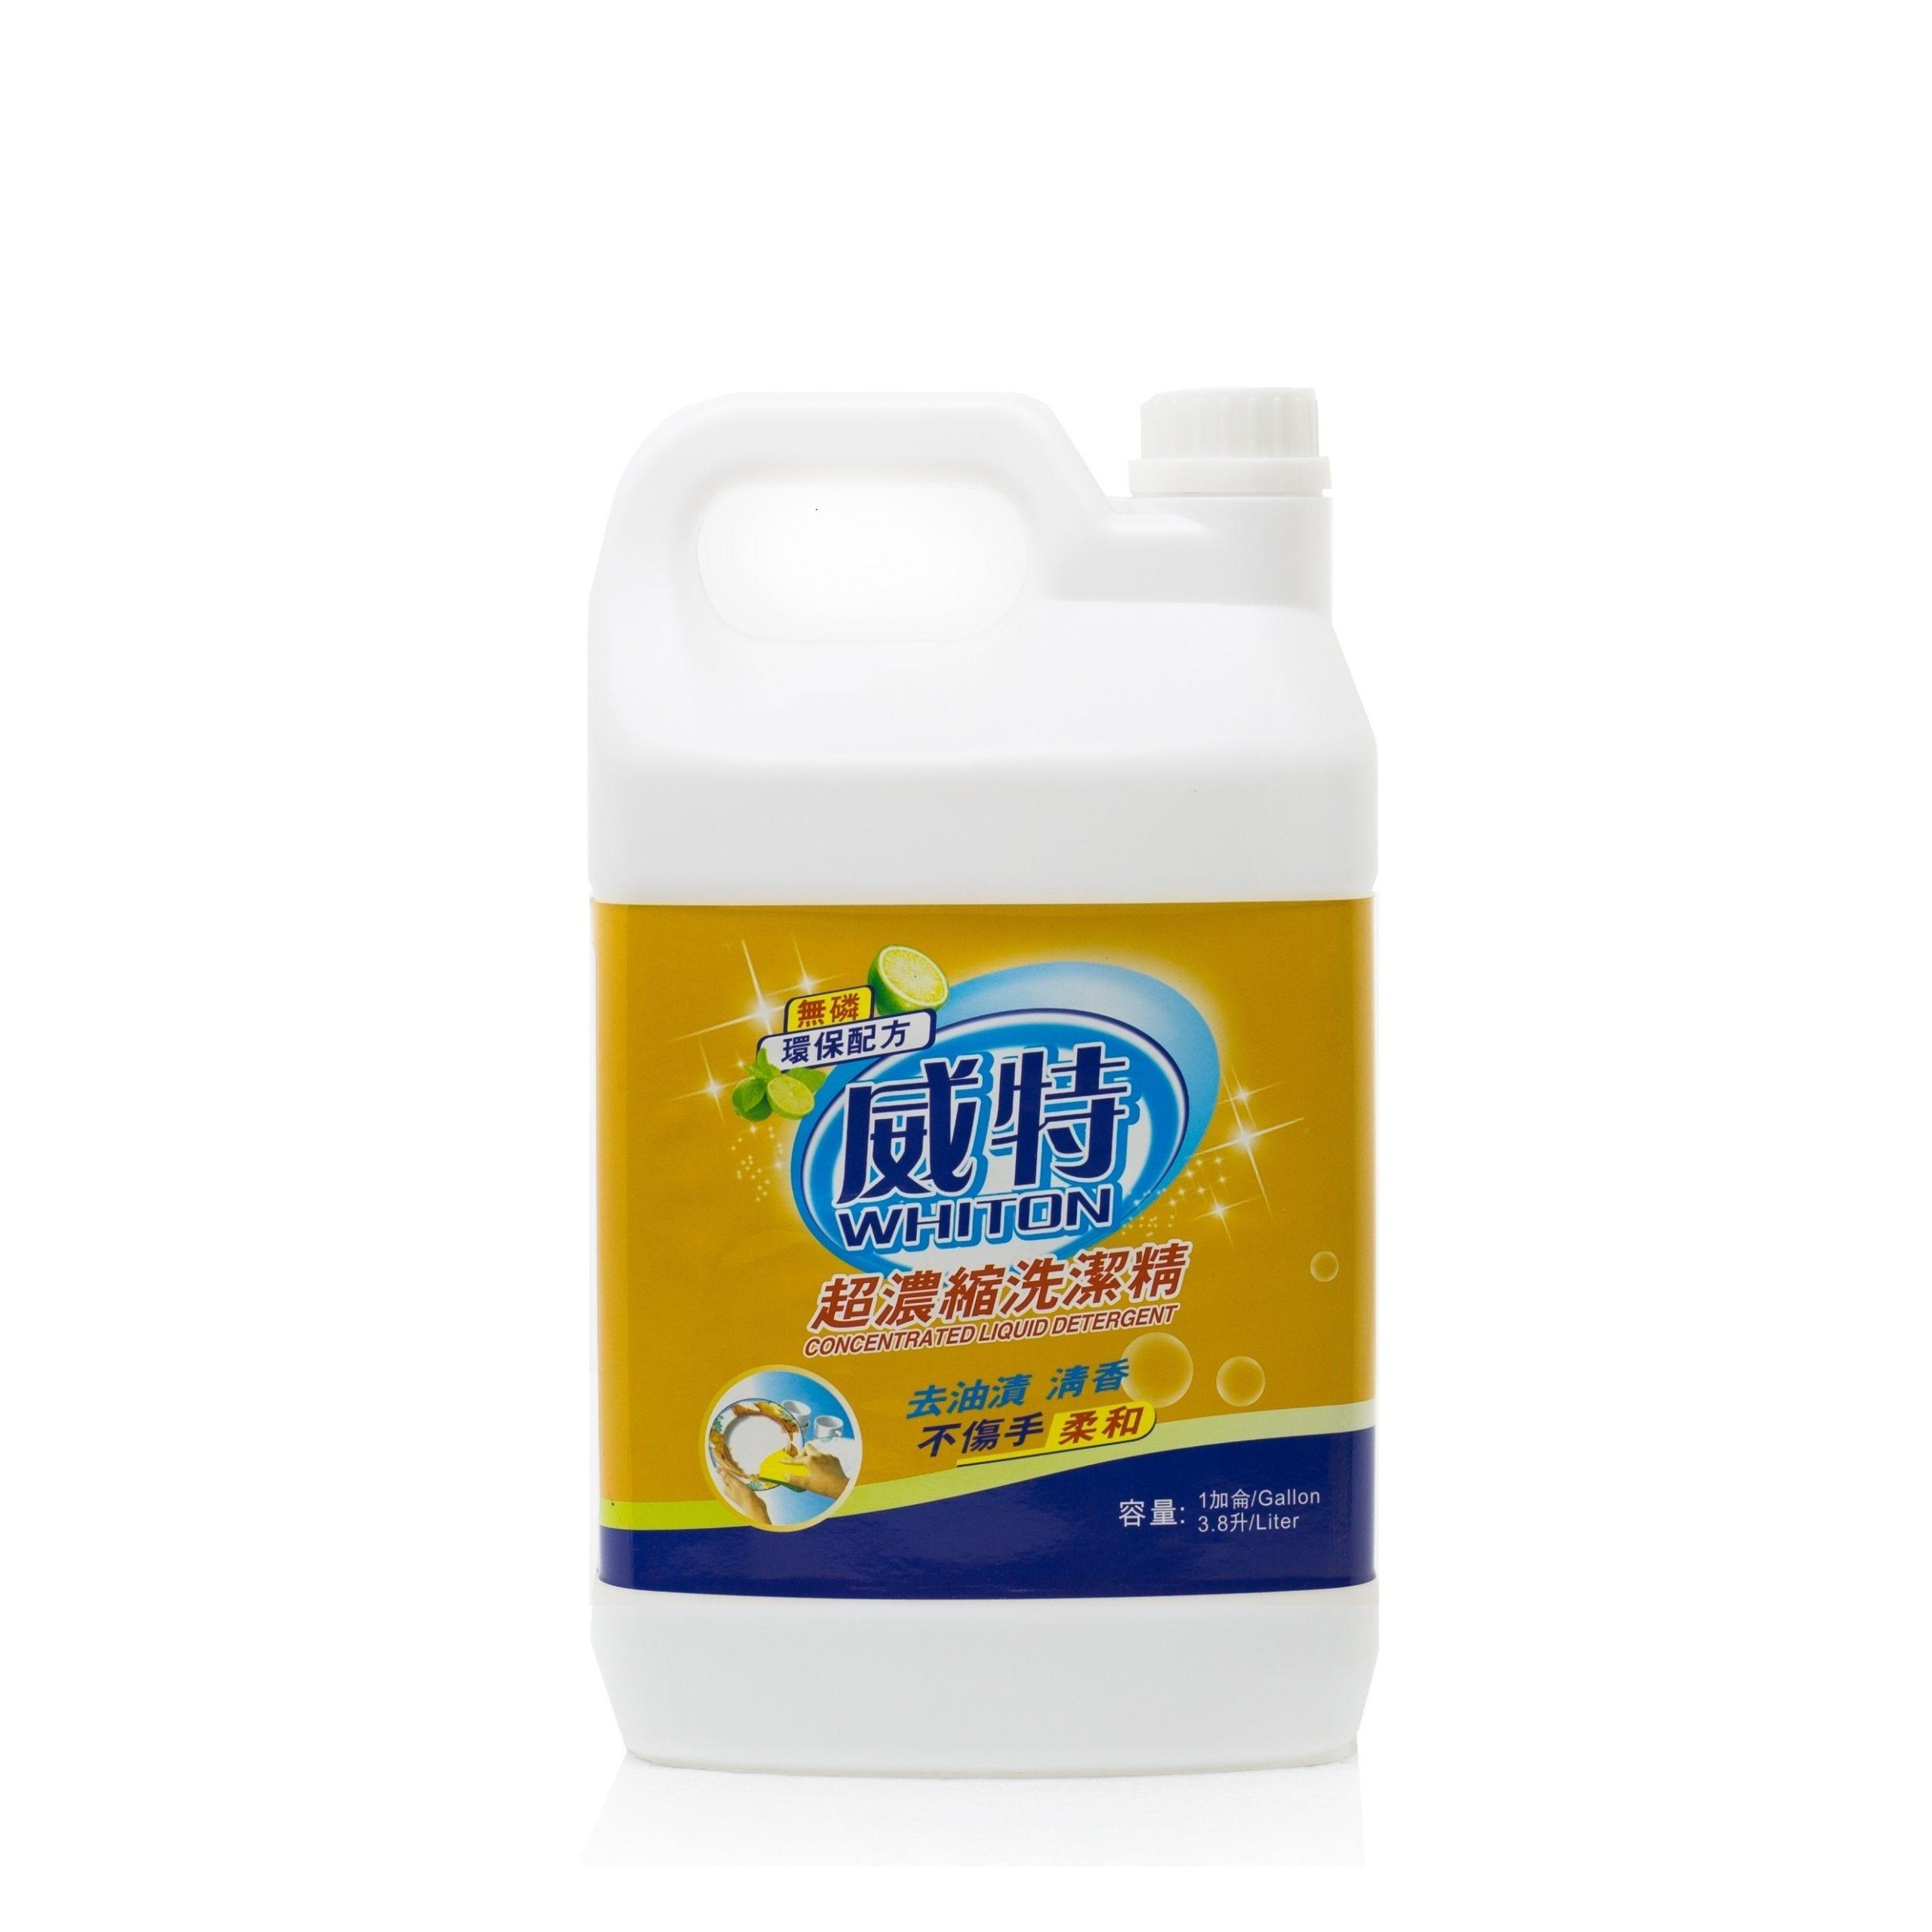 威特超濃縮檸檬洗潔精 (加侖裝)